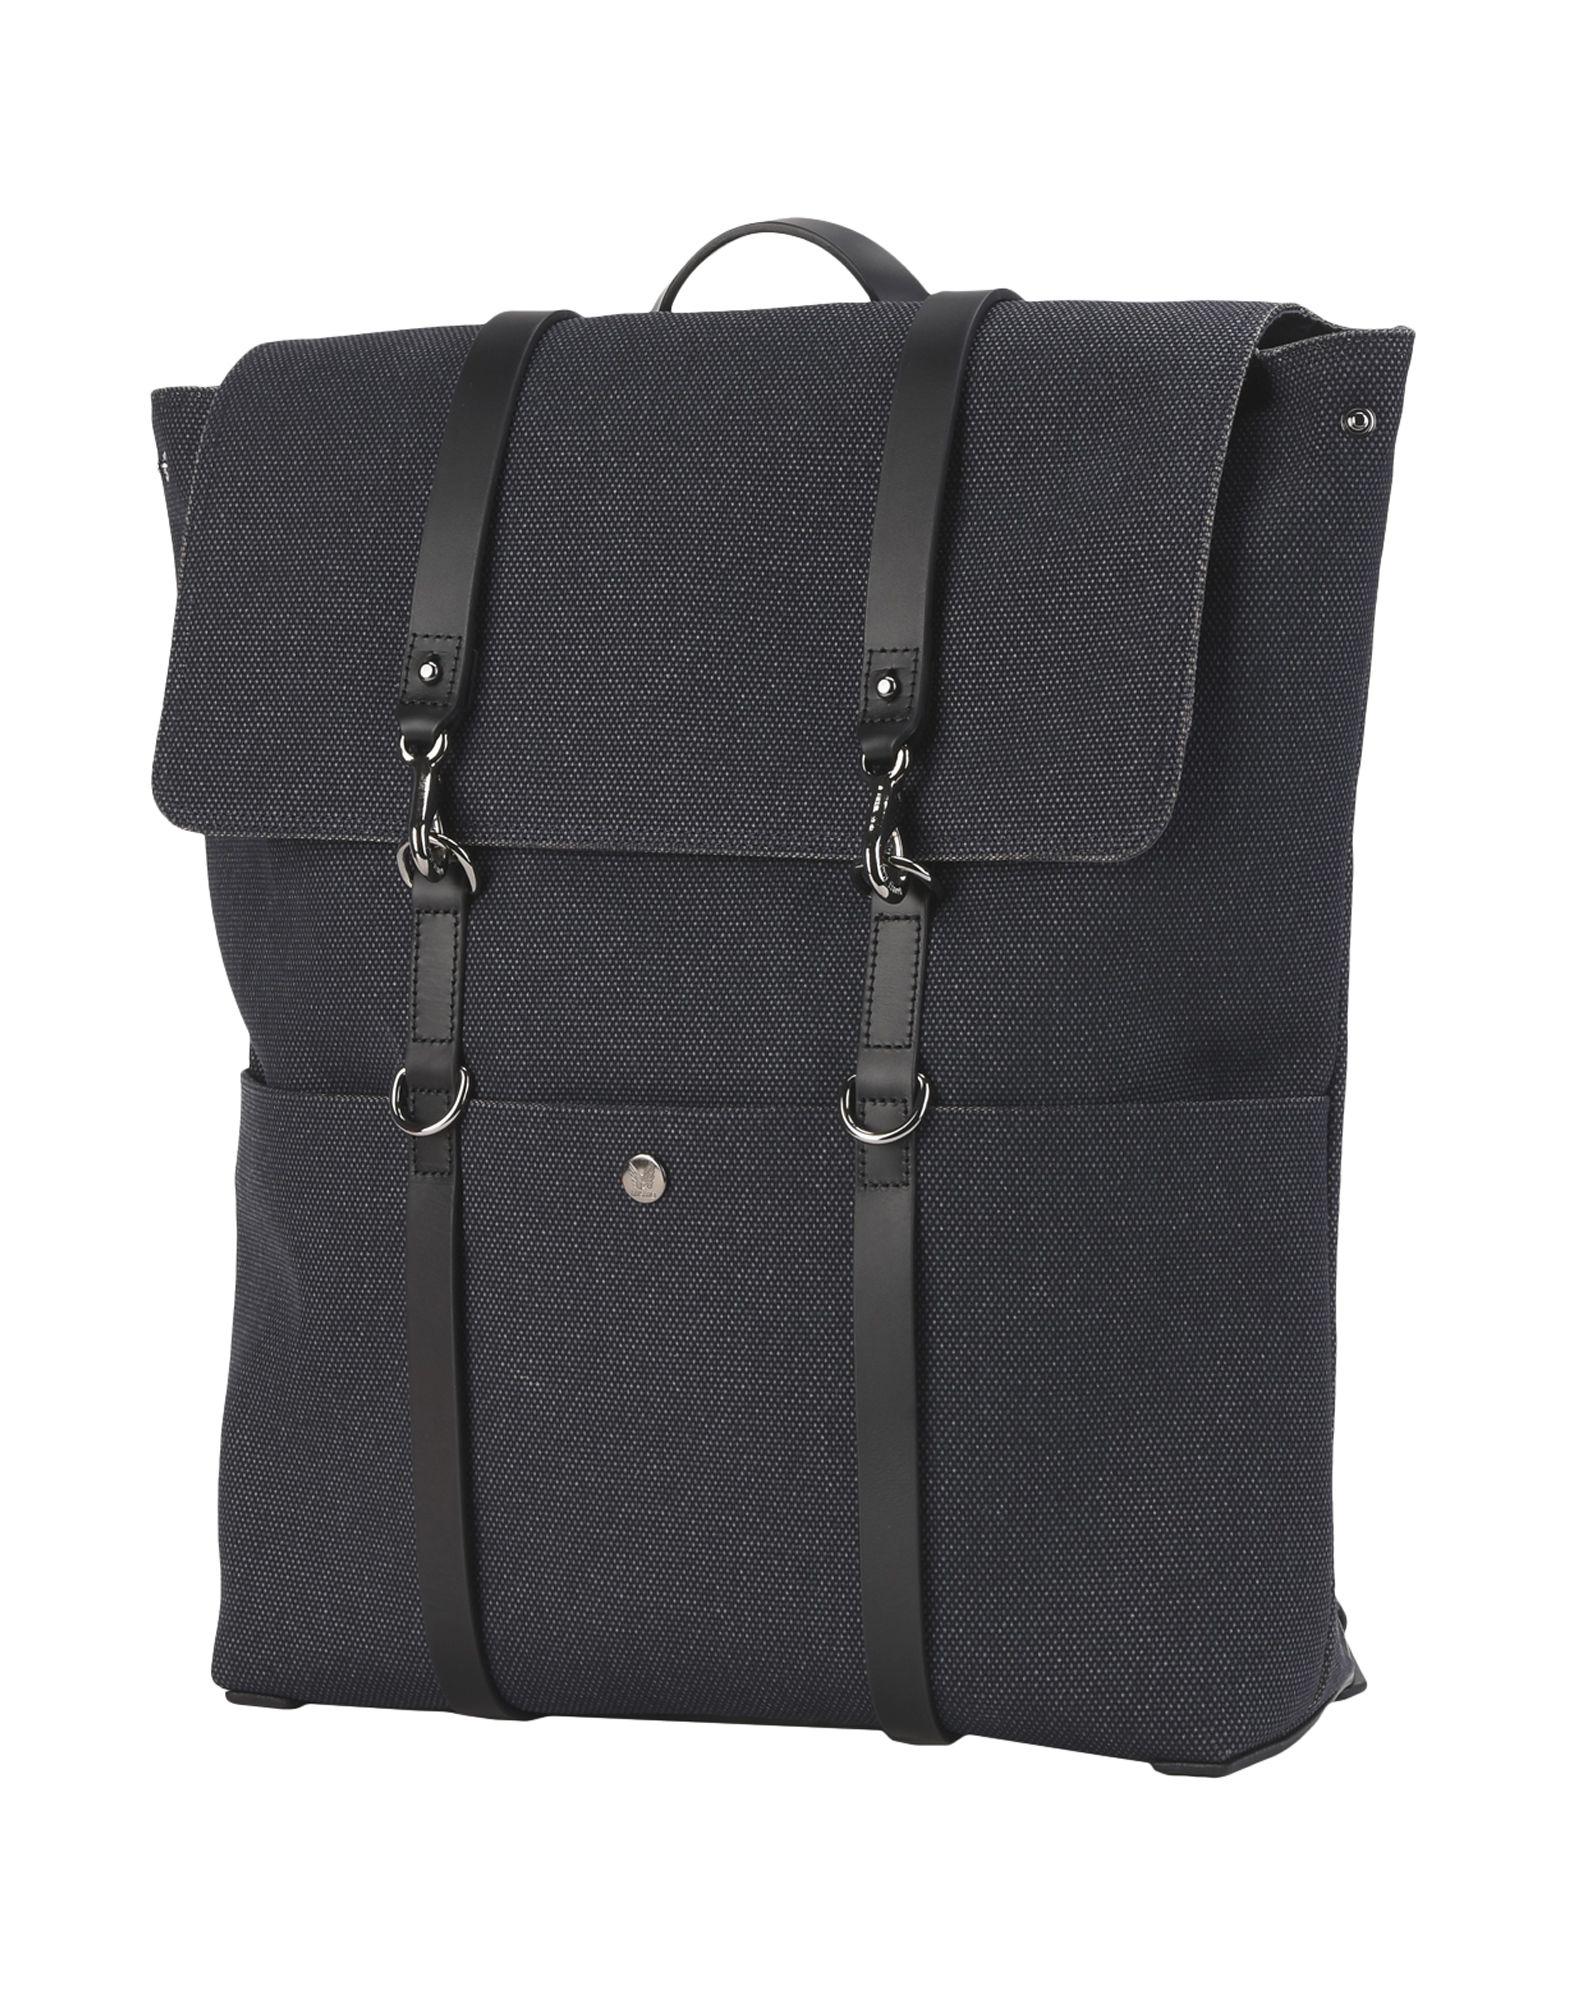 Zaini & Marsupi Mismo M/S Backpack - Donna - Acquista online su